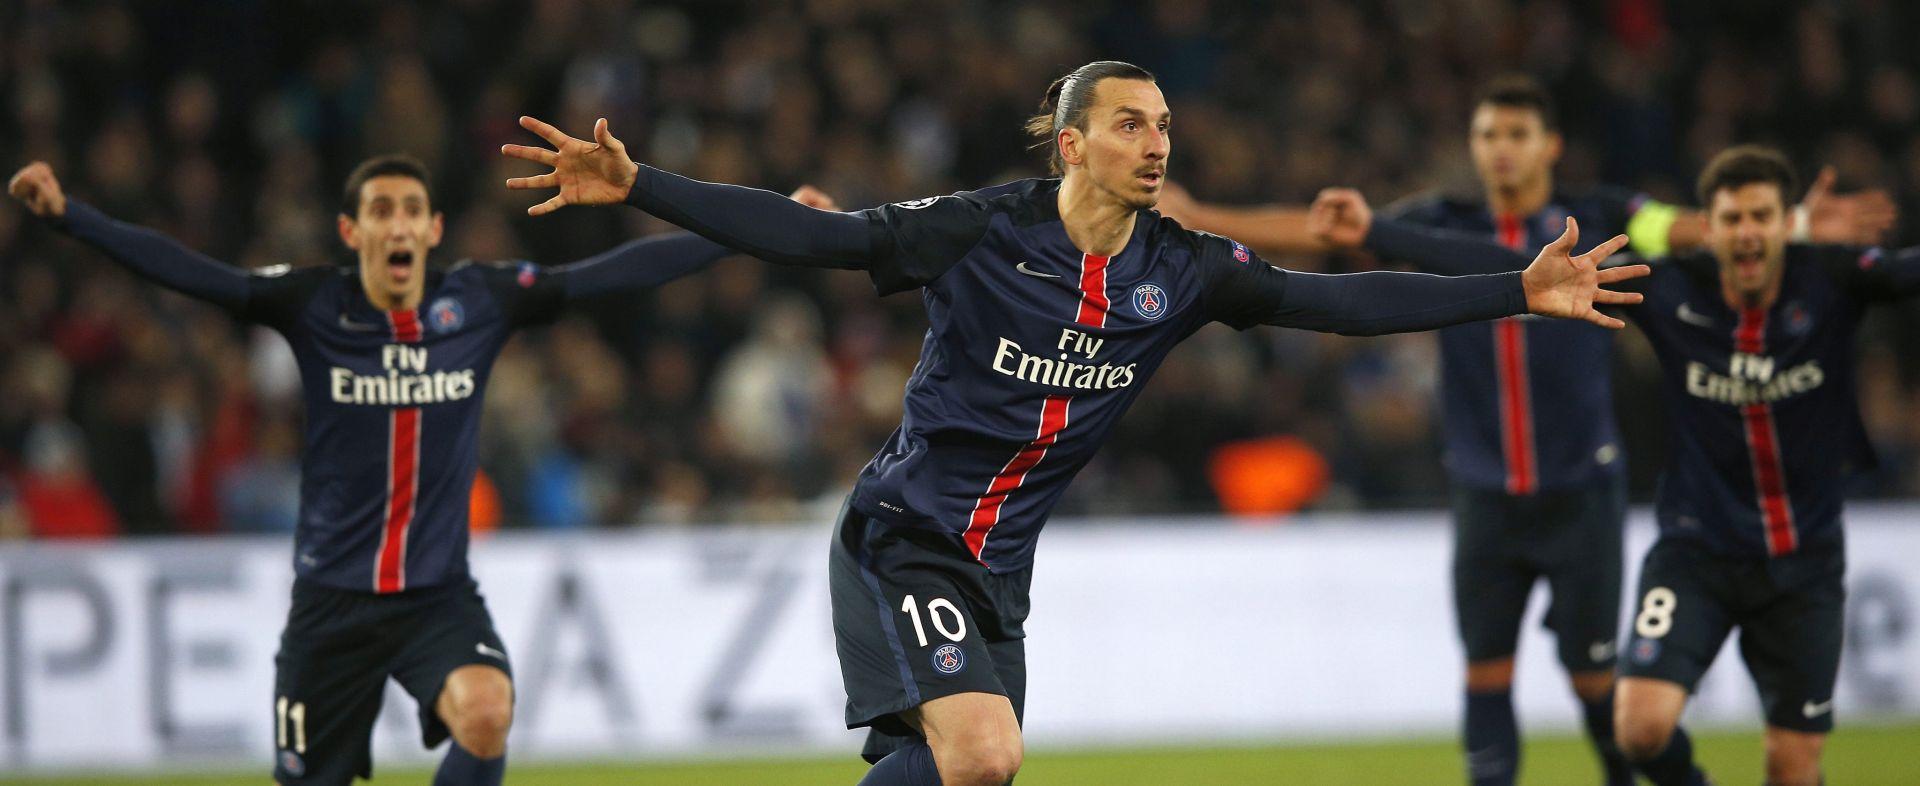 LIGUE 1 Novi Ibrahimovićev show, PSG slavio uz dva gola i dvije asistencije Šveđanina